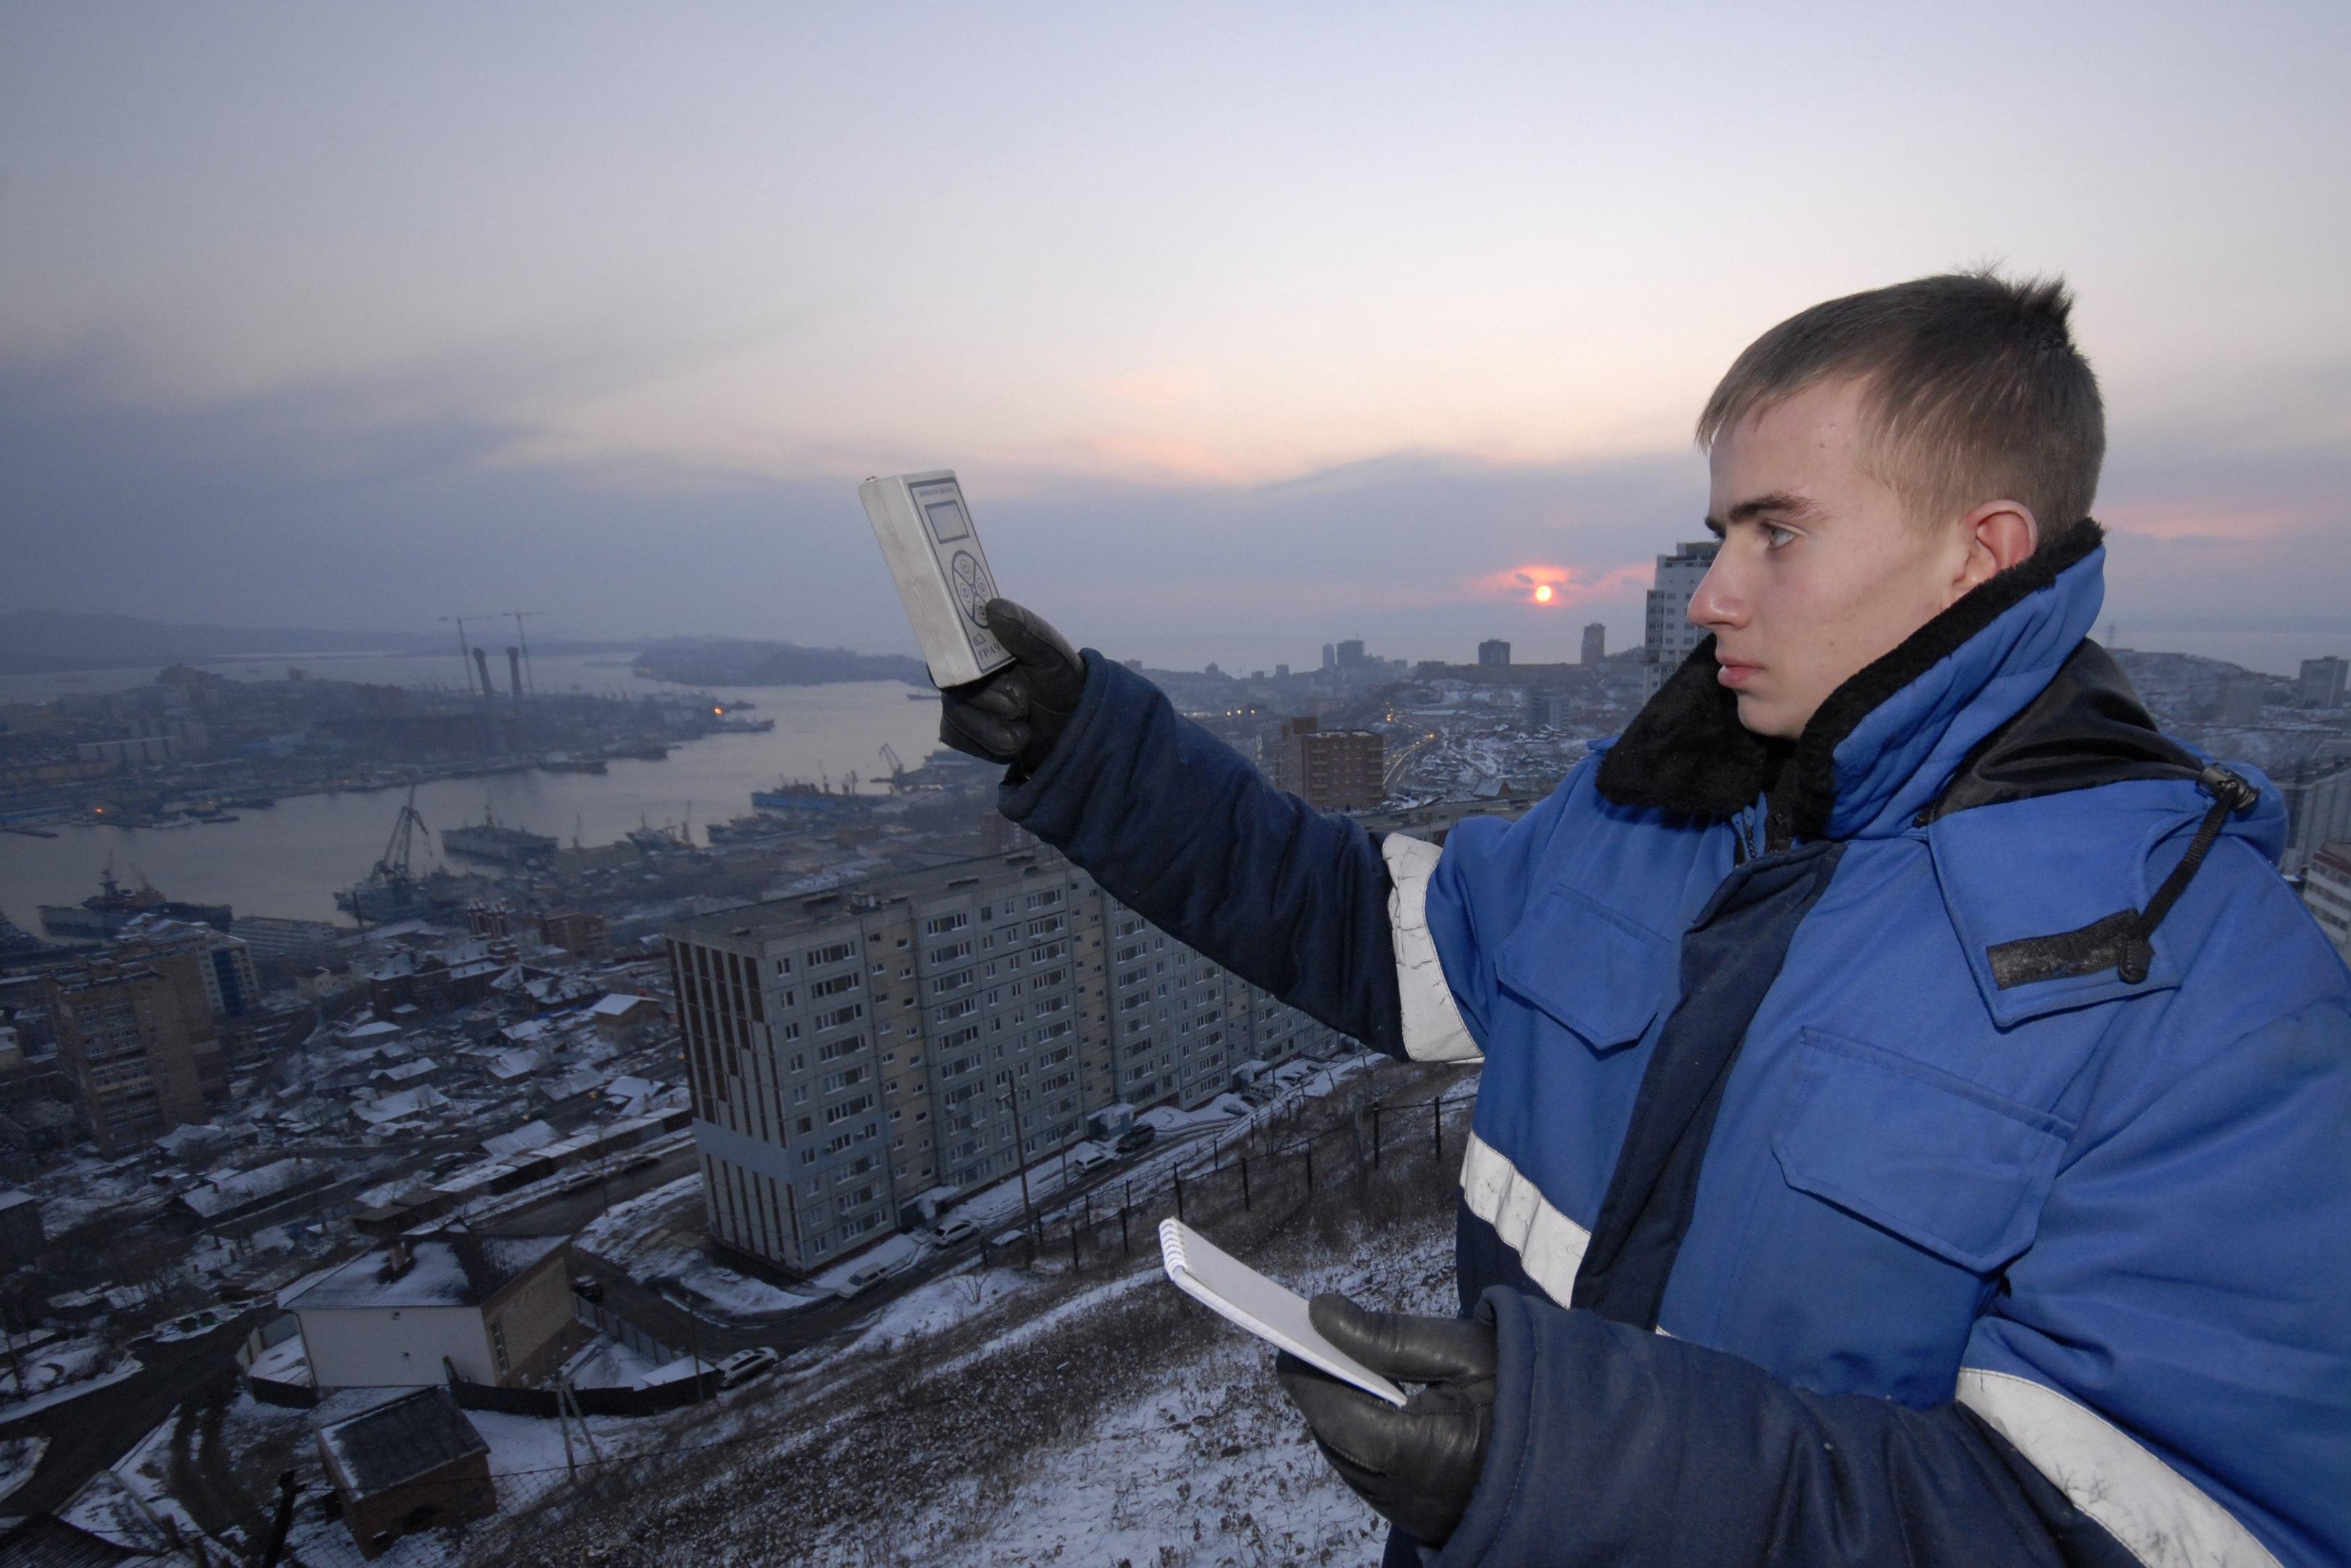 Ρώσος μετεορολόγος μετράει τα επίπεδα ραδιενέργειας στο Βλαδιβοστόκ ΦΩΤΟ REUTERS